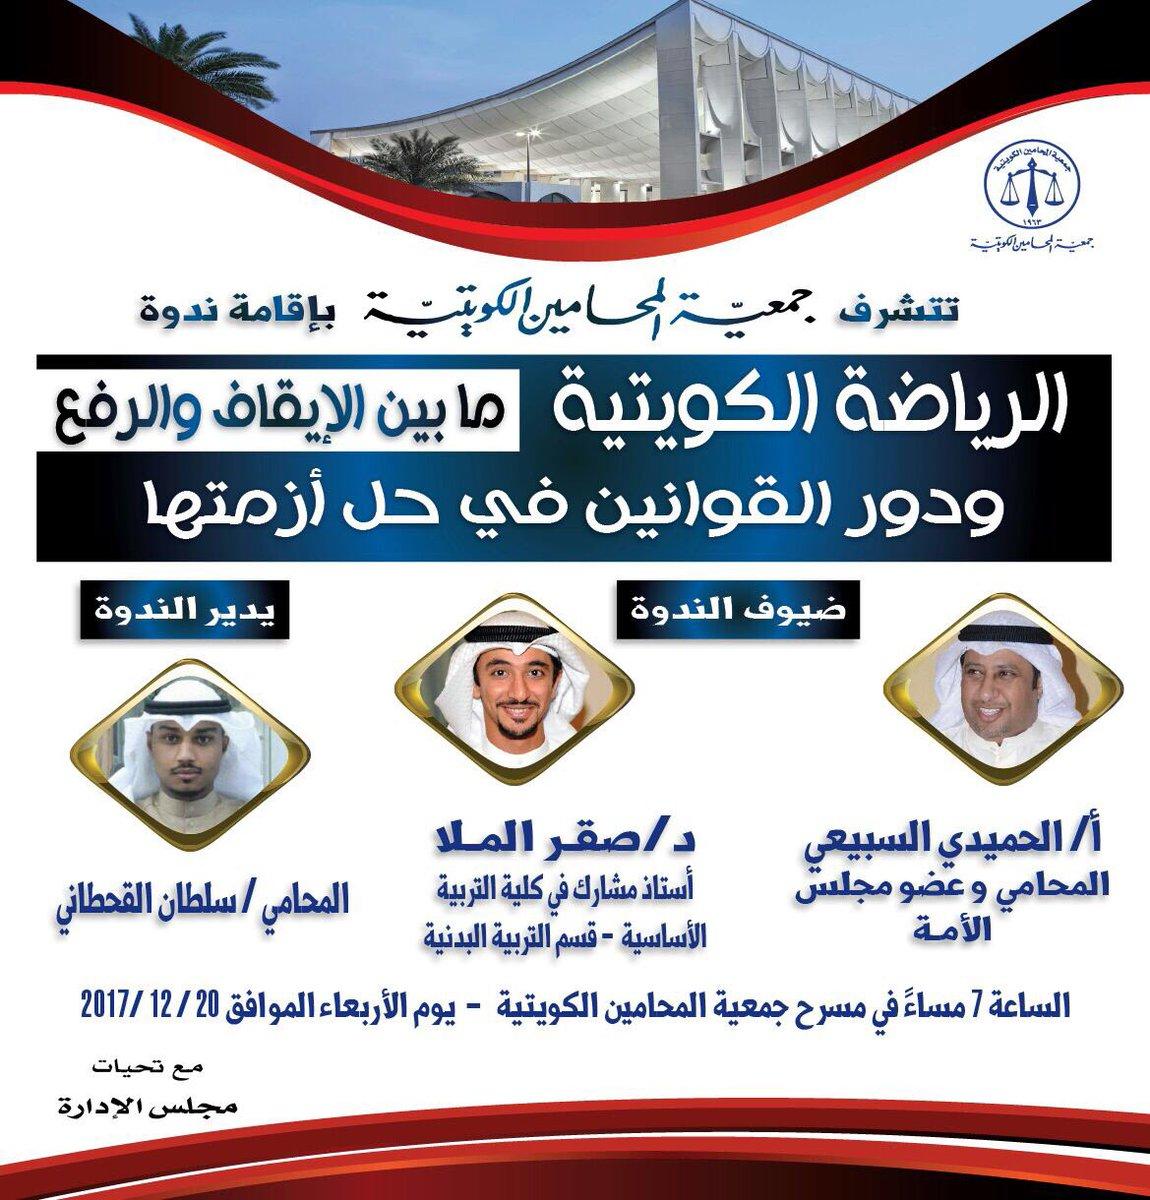 غدًا الأربعاء بمقر #جمعية_المحامين_الكويتيةpic.twitter.com/4Y6BANs2ed